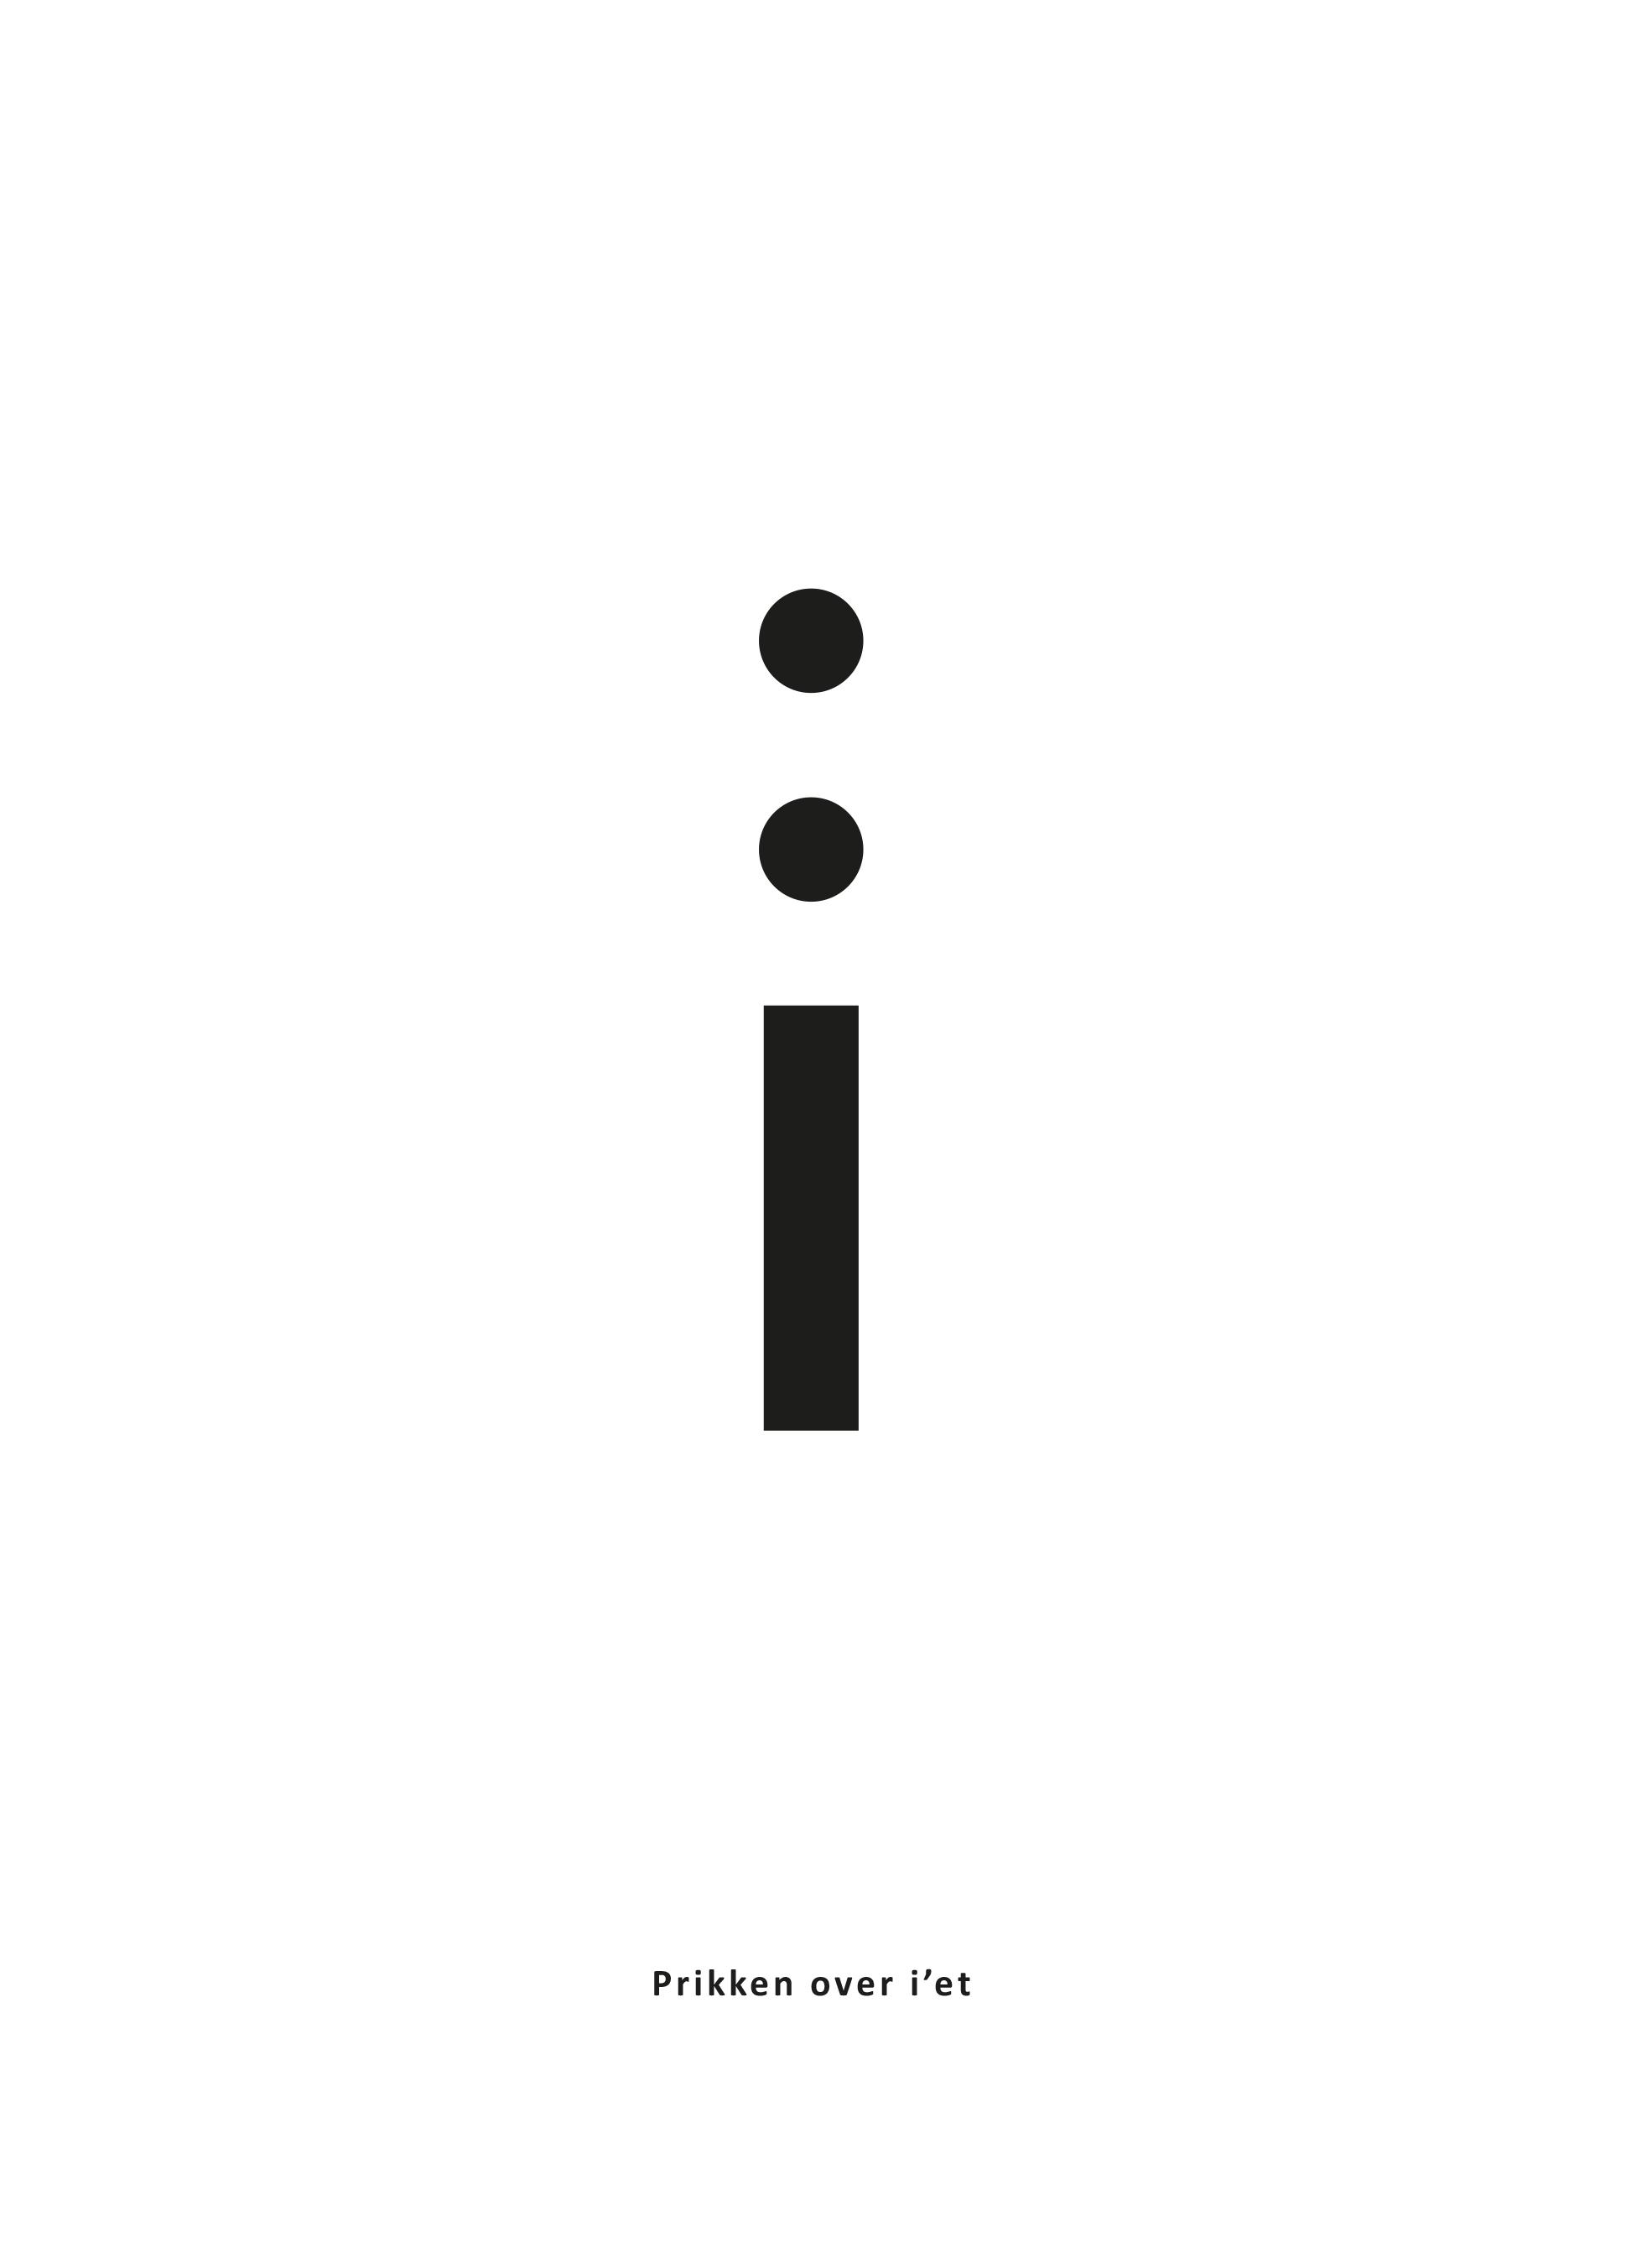 'Prikken over i'et', digt fra Thomas Kirks 'Hvad siger sproget?', der udkommer 10. december 2020. (Findes i høj opløsning i dropboxen, se ovenfor.)